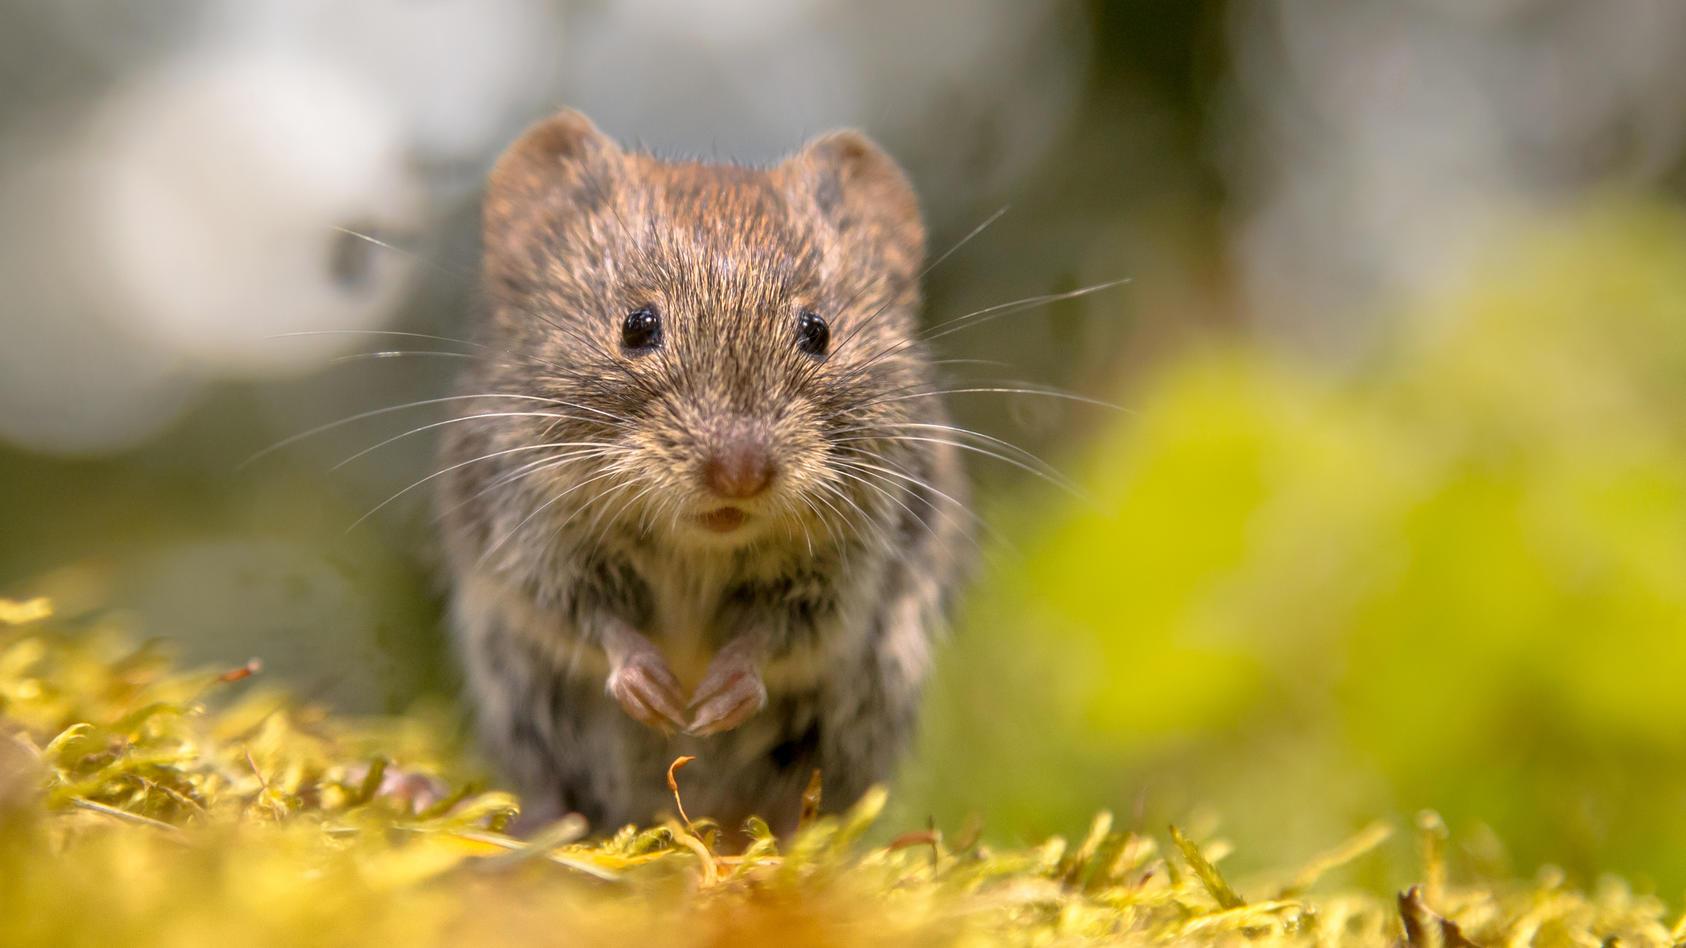 Hantaviren werden durch Rötelmäuse übertragen, genauer gesagt über den Kot, den Urin und den Speichel der Mäuse.